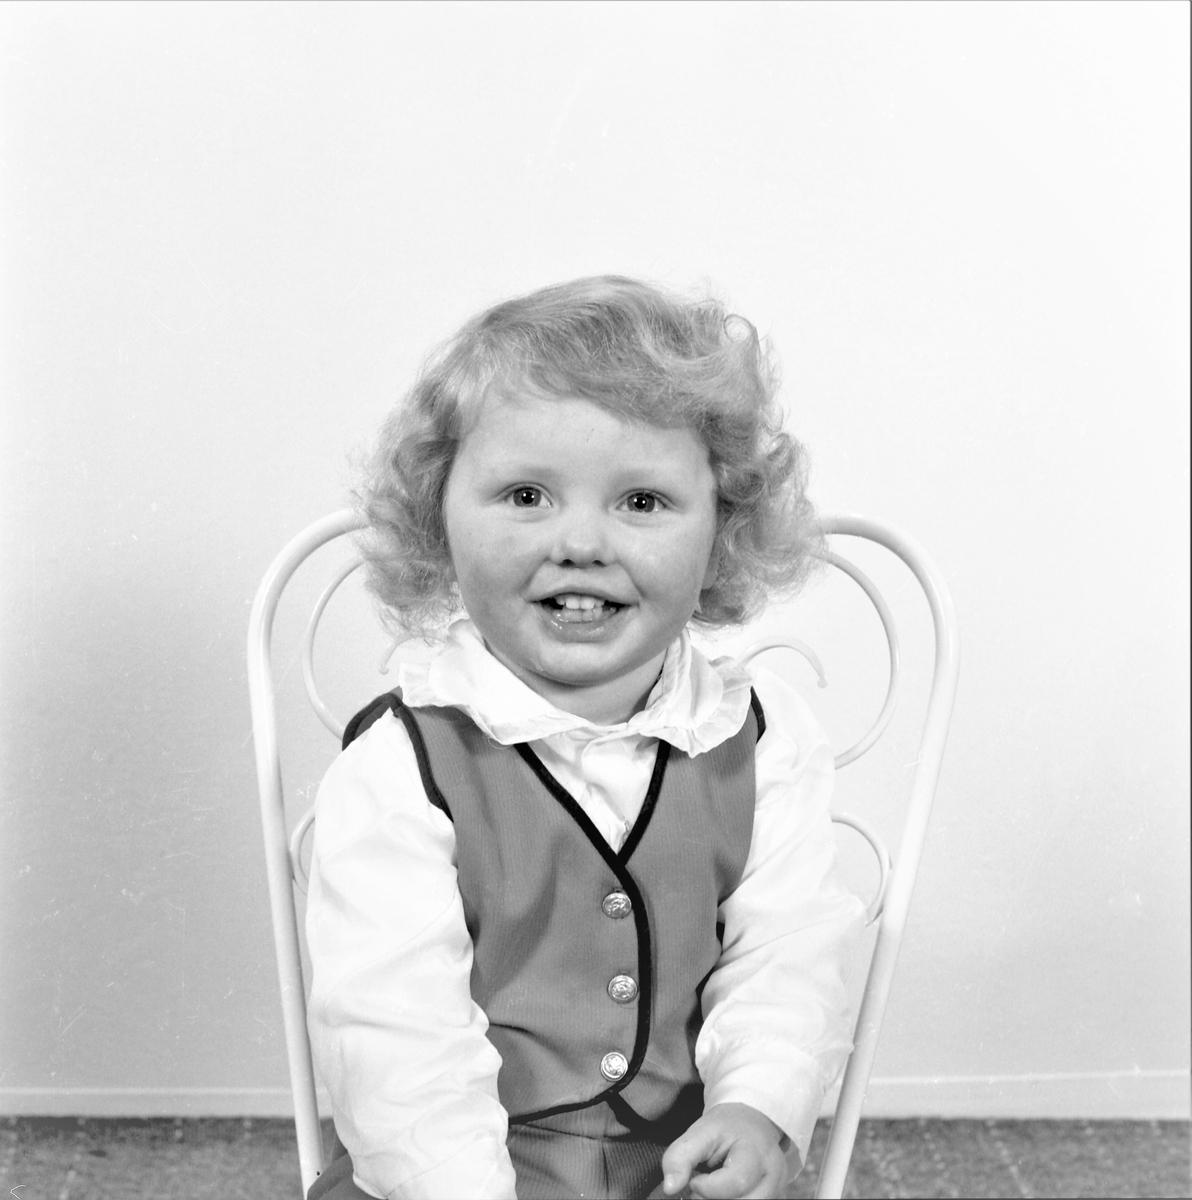 Portrett. Ung gutt. Bestilt av Solveig Mortvedt. 5540 Førdesfjorden.